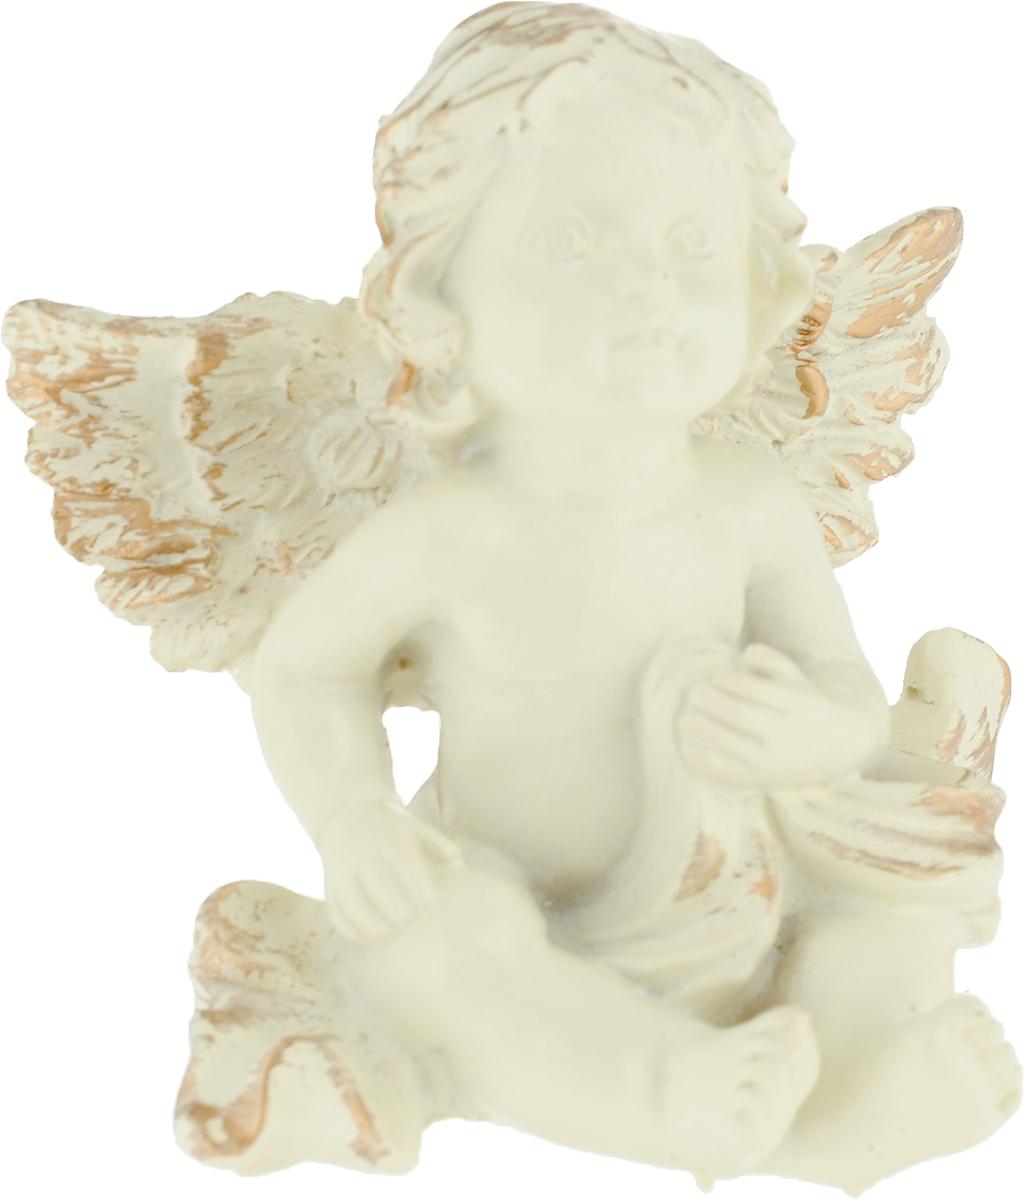 Фигурка декоративная Magic Home Мечтательный ангел, цвет: слоновая кость, золотой, 8,2 х 7 х 4,6 см75434Декоративная фигурка Мечтательный ангел из полирезина от Magic Home - это это прекрасный вариант подарка для ваших друзей и близких. Оригинальная и стильная фигурка станет отличным дополнением в интерьере любой комнаты и будет удачно смотреться и радовать глаз.